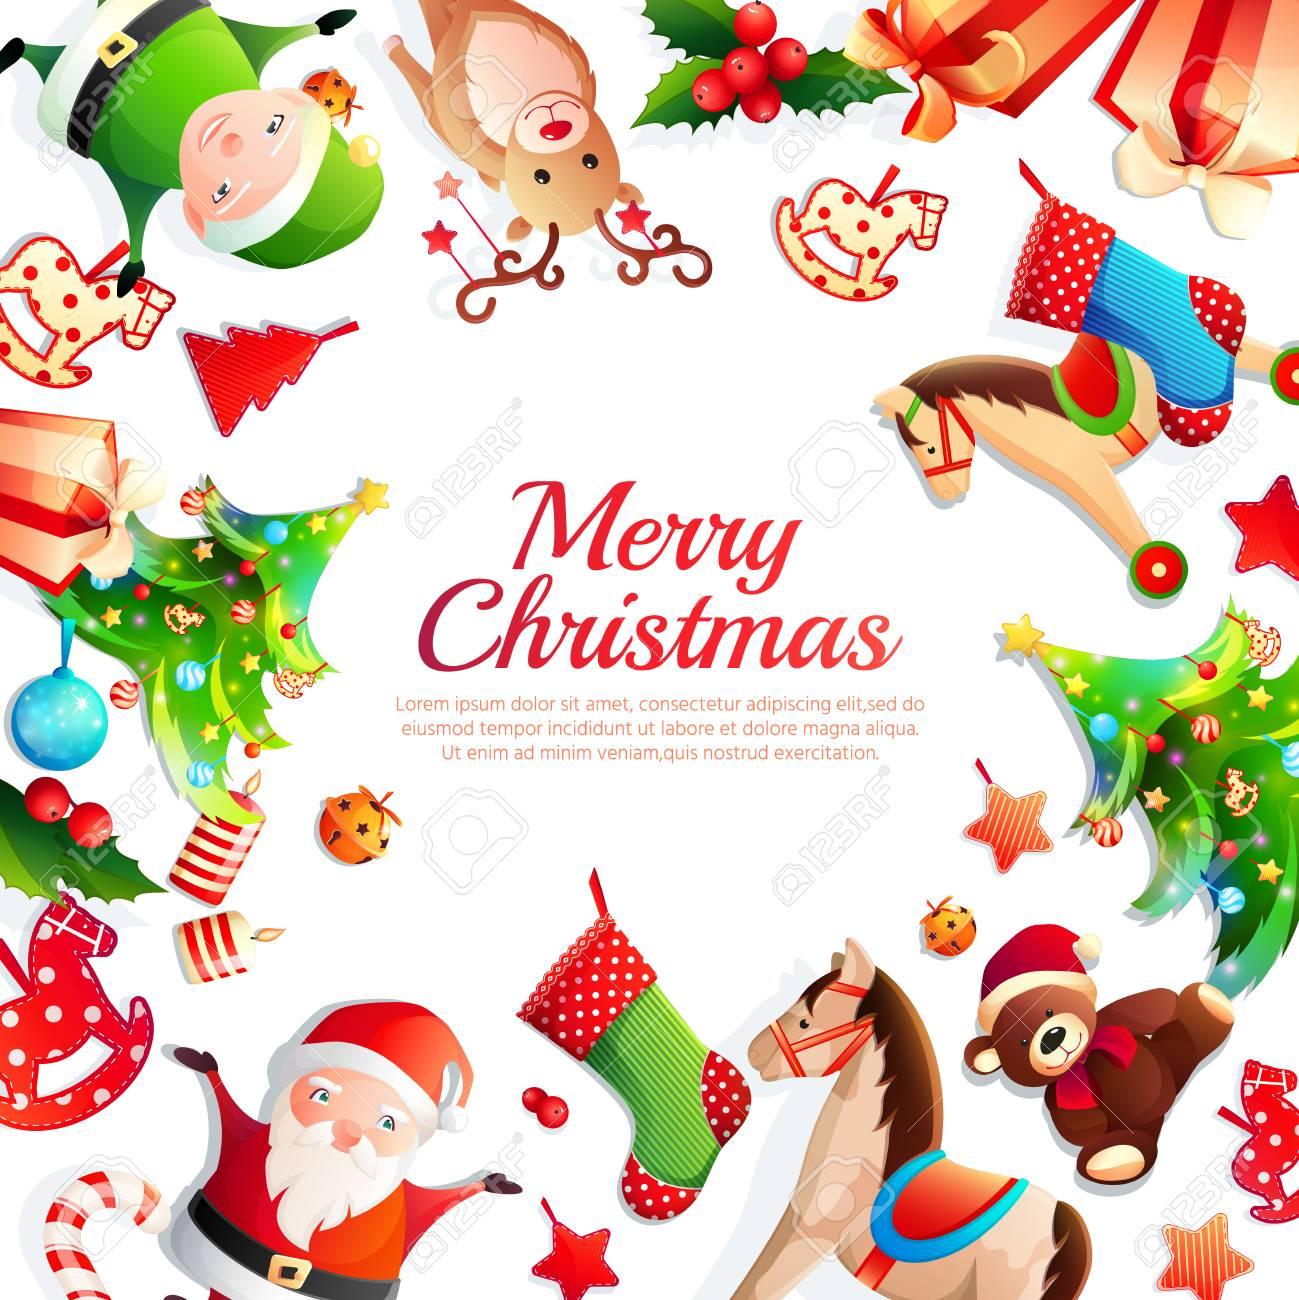 Merry Christmas Cartoon Frame With Greeting, Xmas Tree, Santa ...